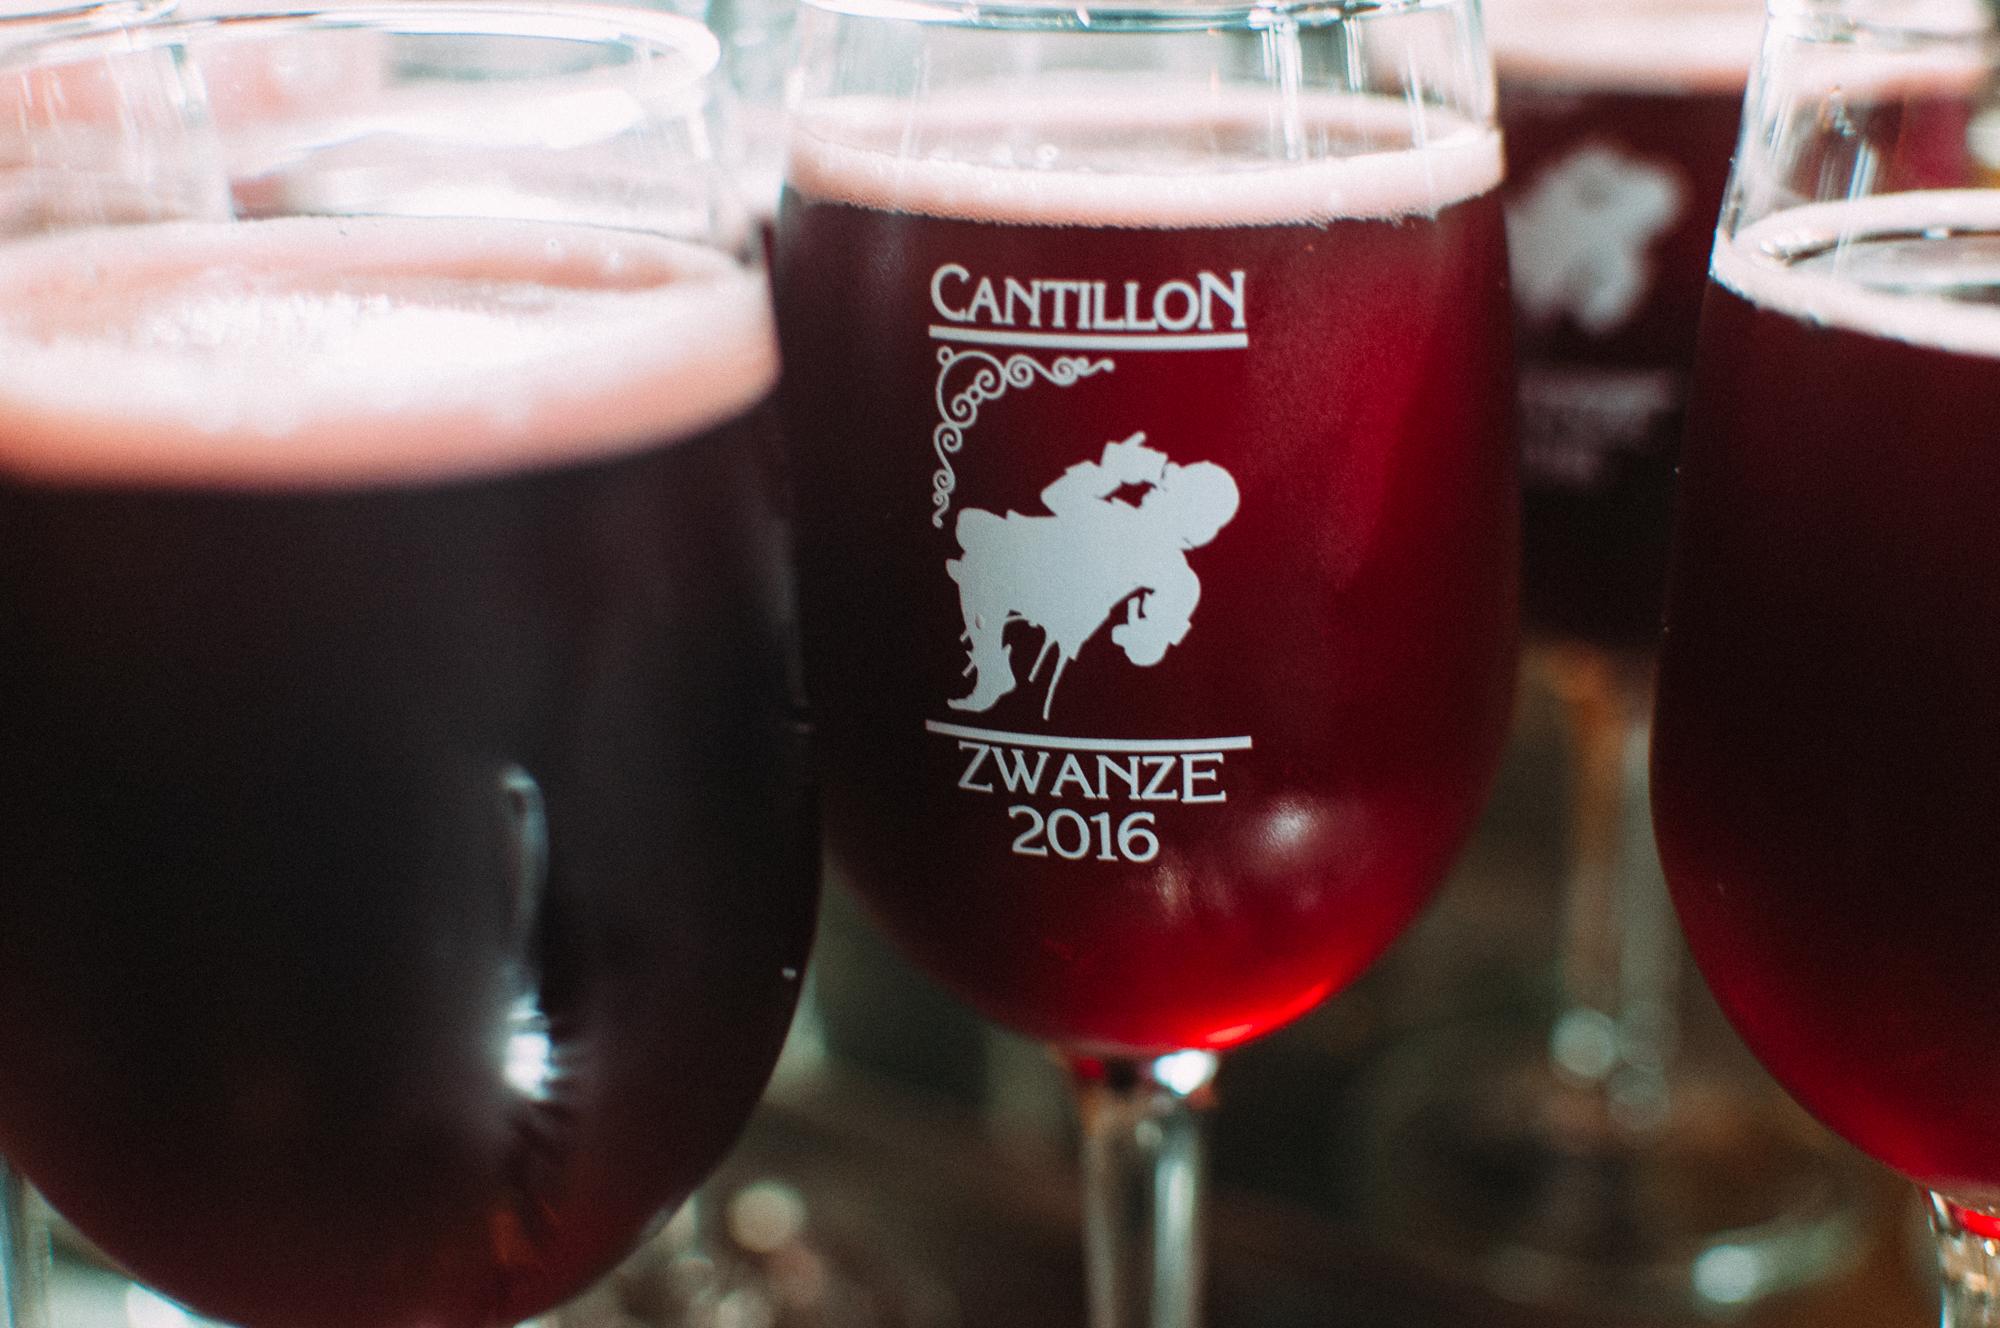 cantillon zwanze holy grale-51.jpg